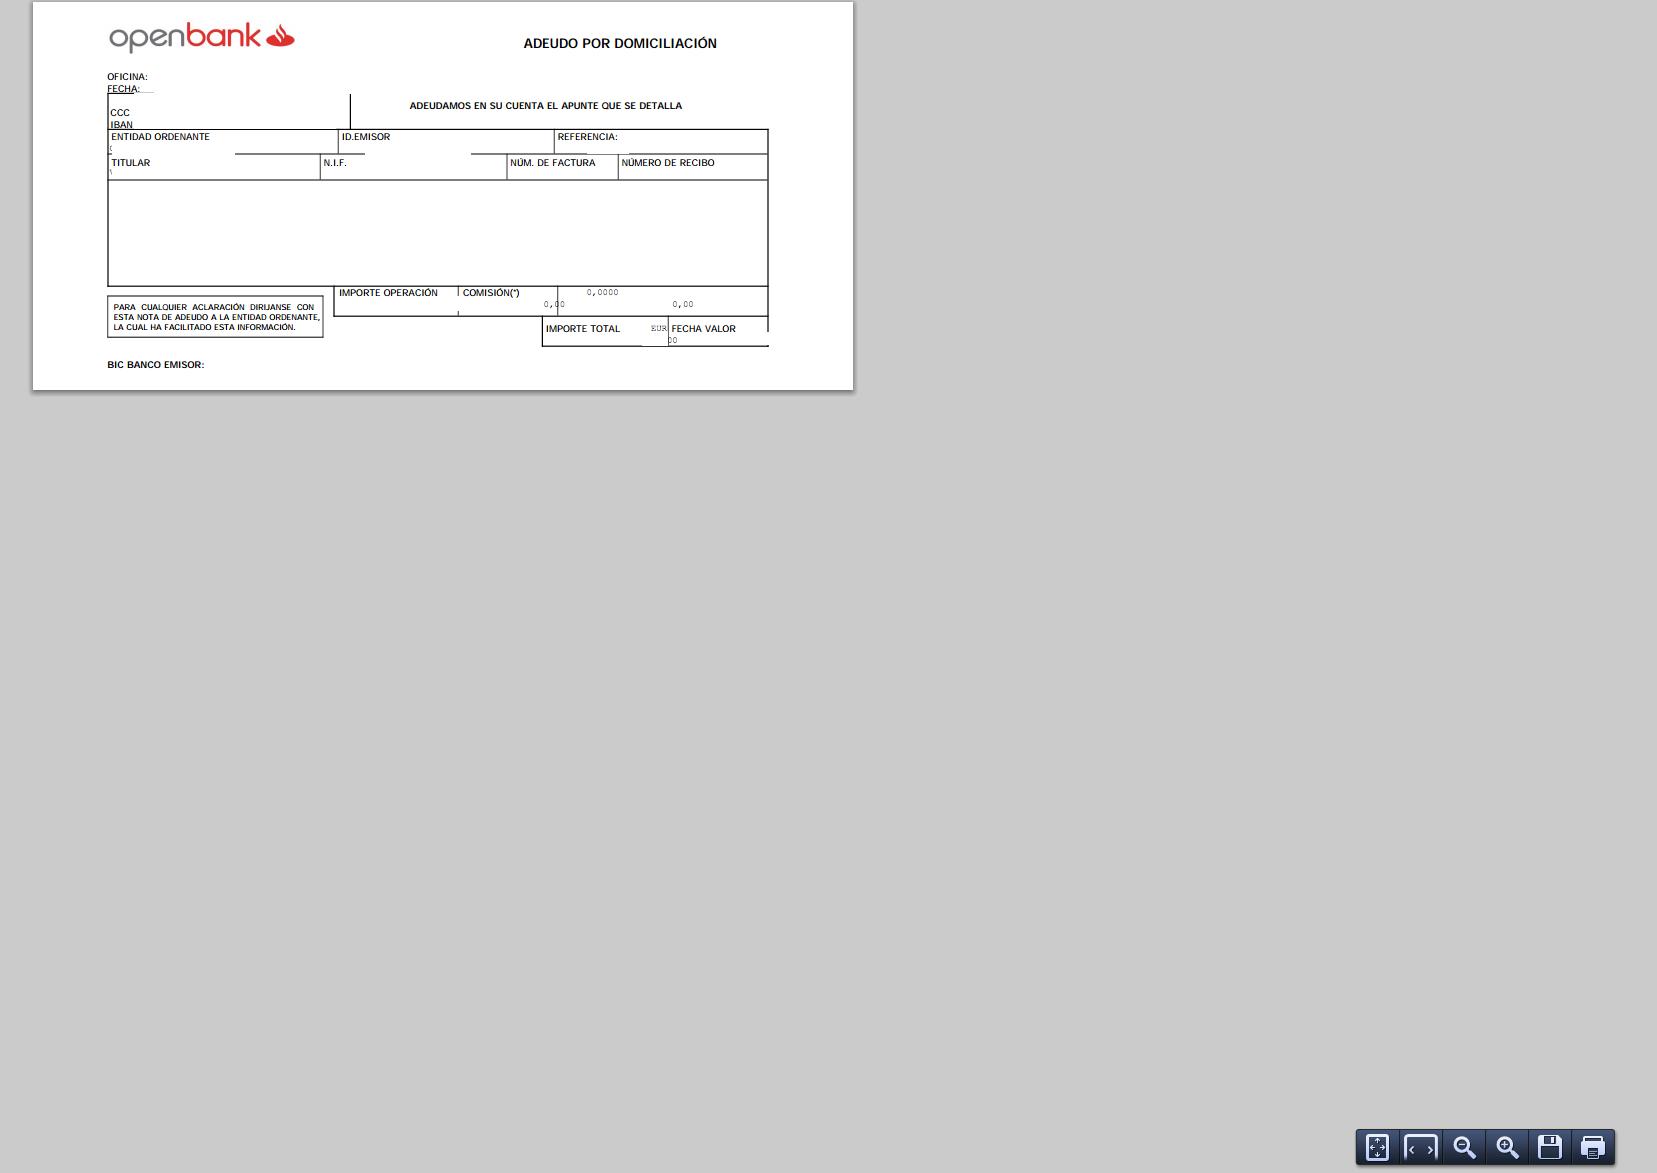 Cómo se pueden imprimir los recibos en un banco online? Openbank ...